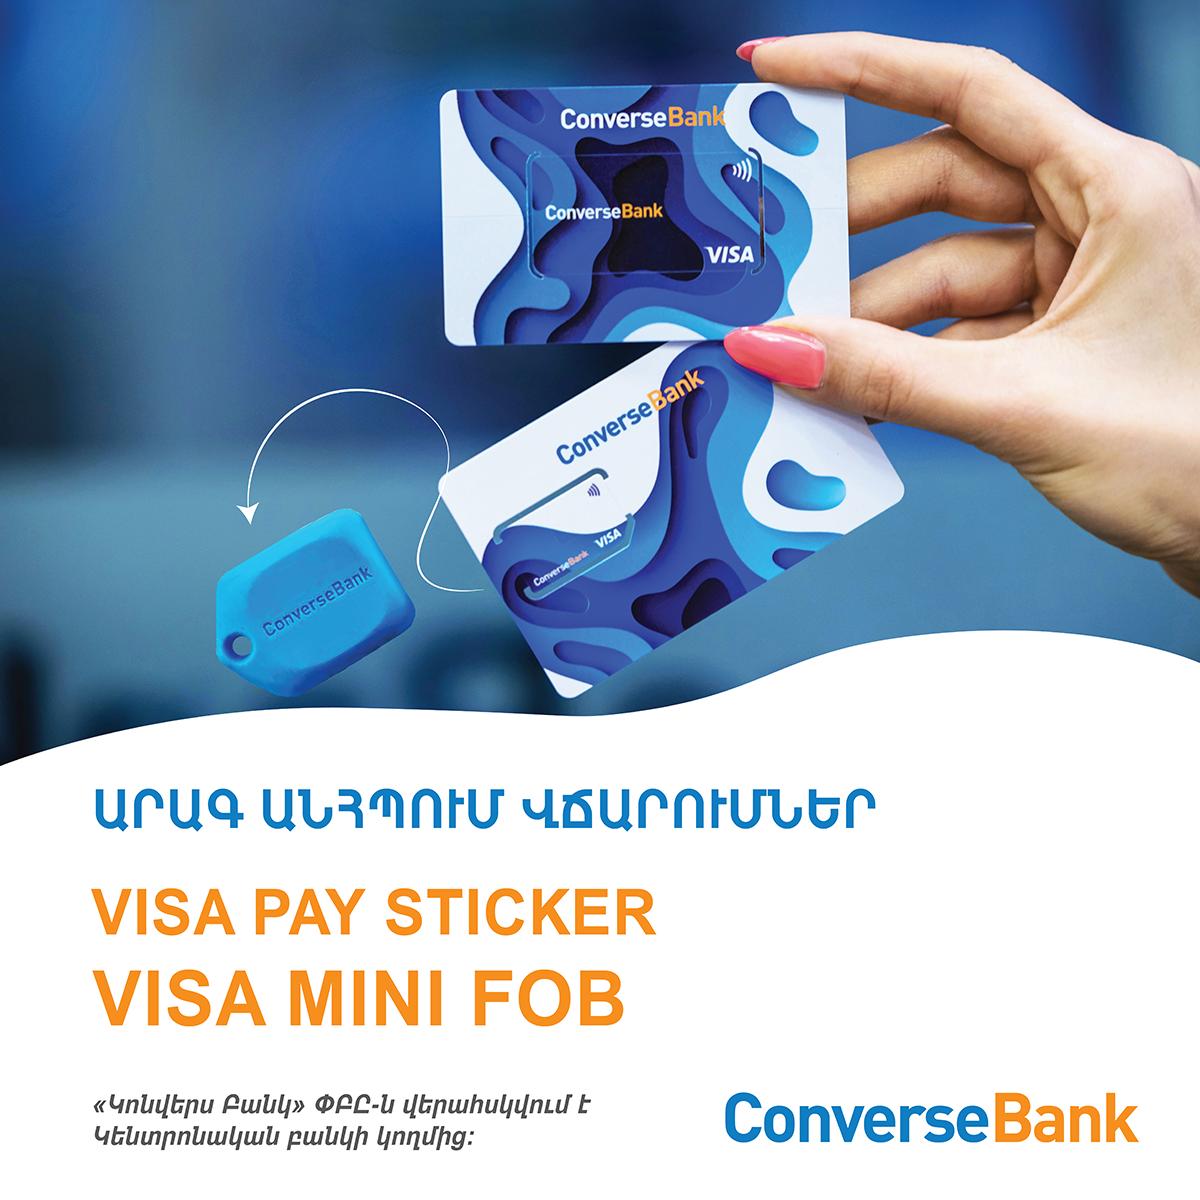 Visa Mini Fob - интересное предложение Конверс Банка для своих клиентов 1